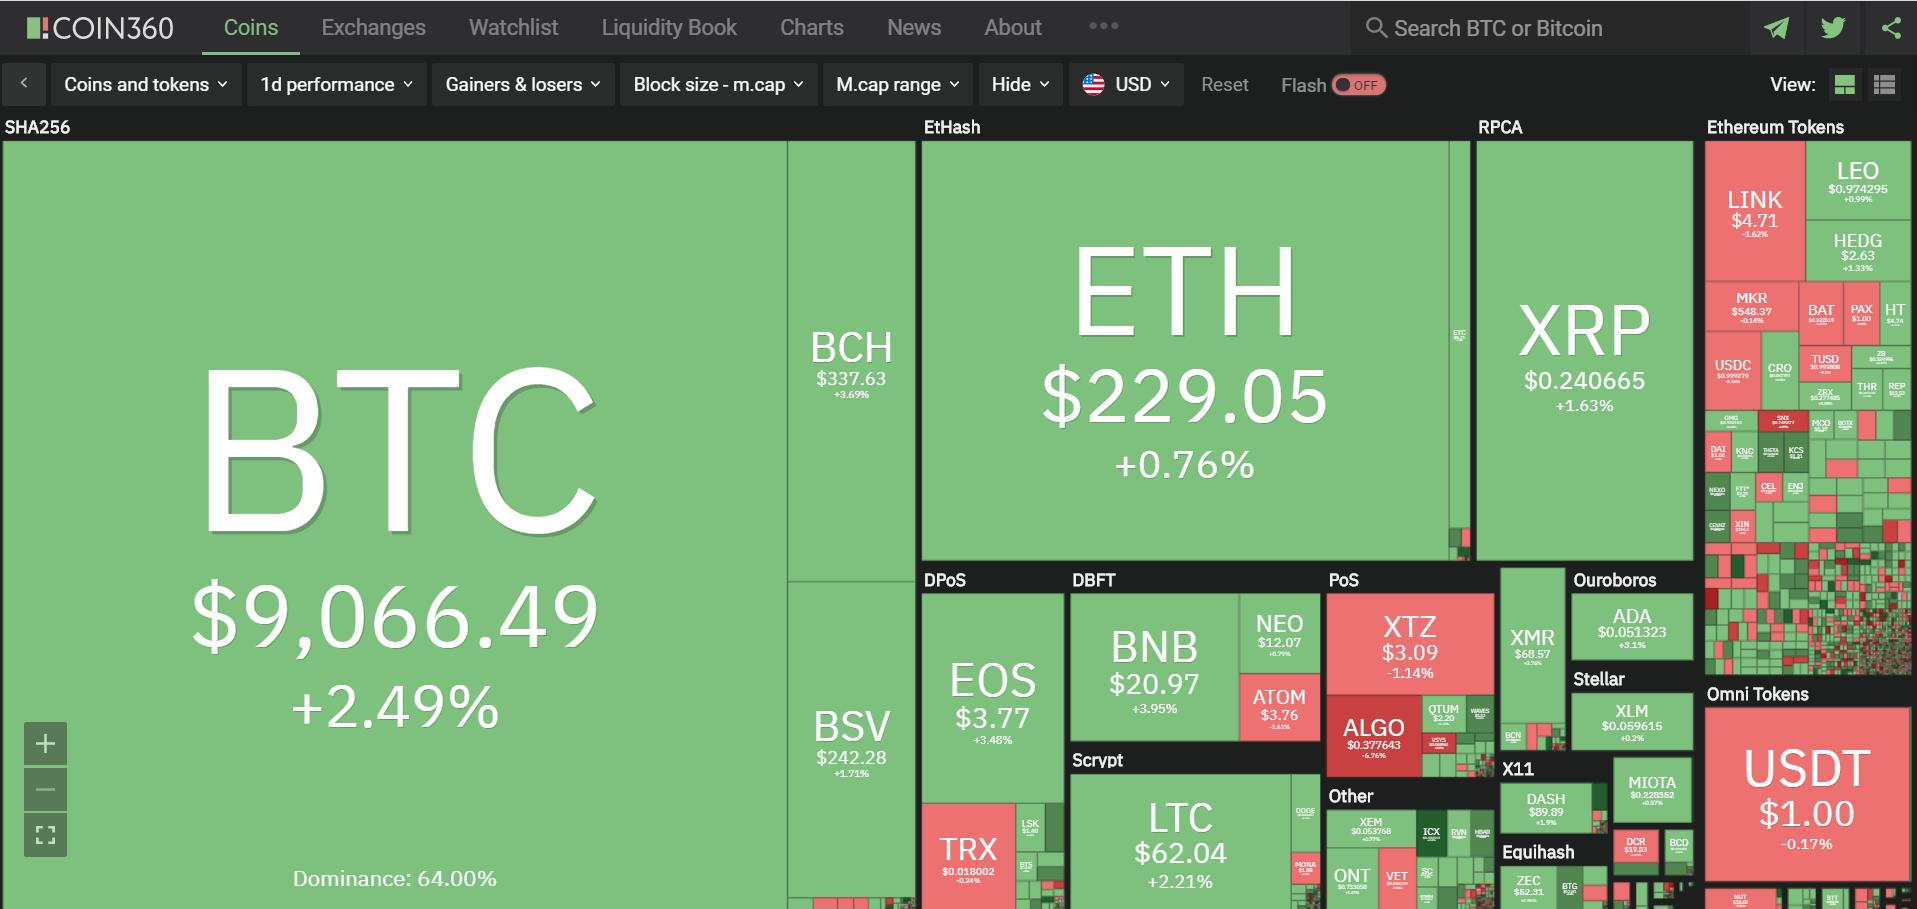 Toàn cảnh thị trường tiền kĩ thuật số hôm nay (6/3) (Nguồn: Coin360.com)